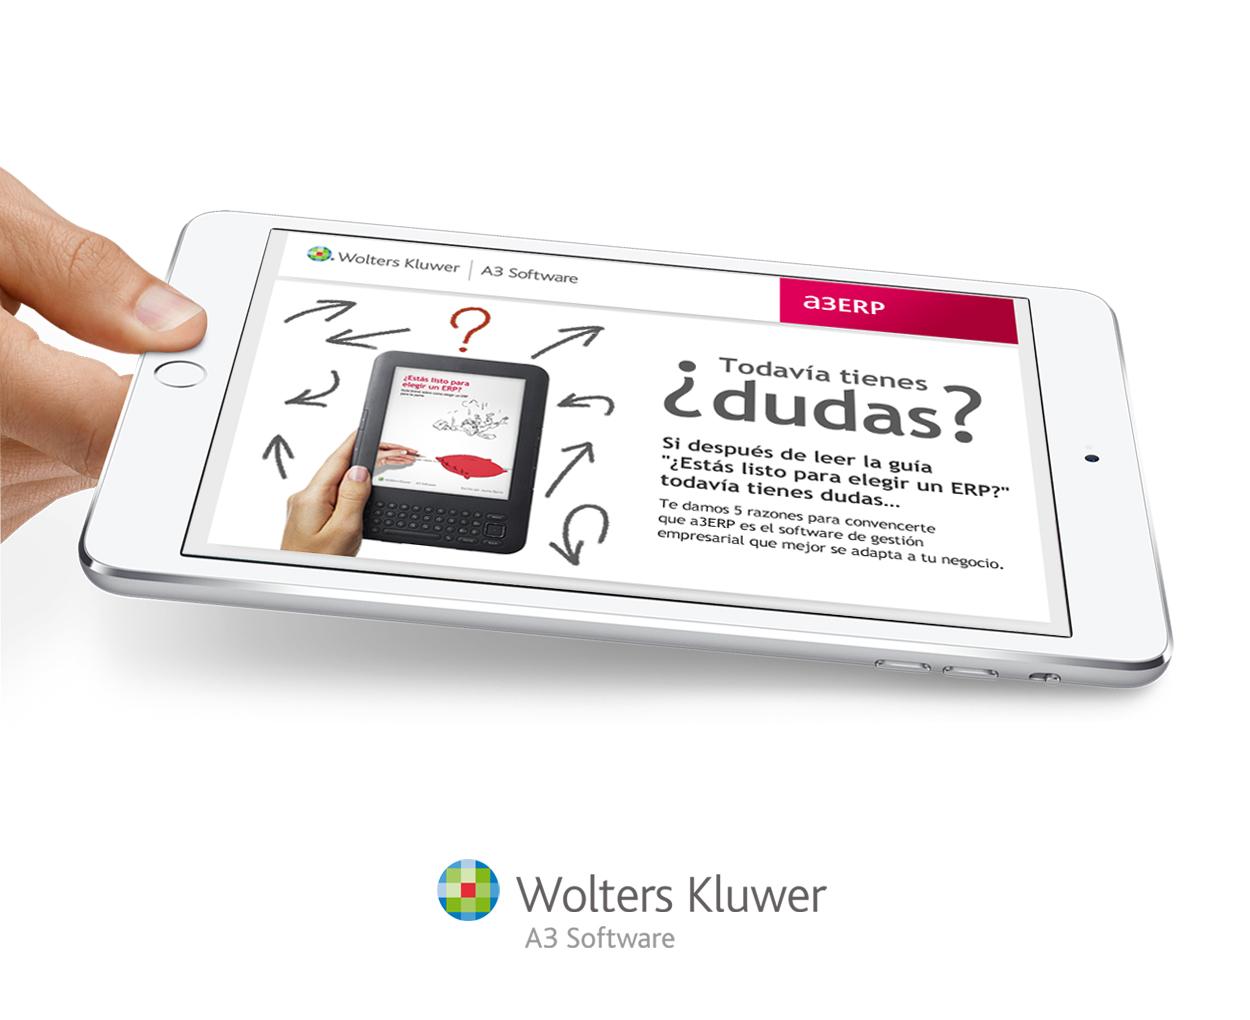 insistencia - emailing - emailing- Diseño de la guía para elegir ERP y campaña de publicidad para promocionar la solución de A3 Software de Wolters Kluwer